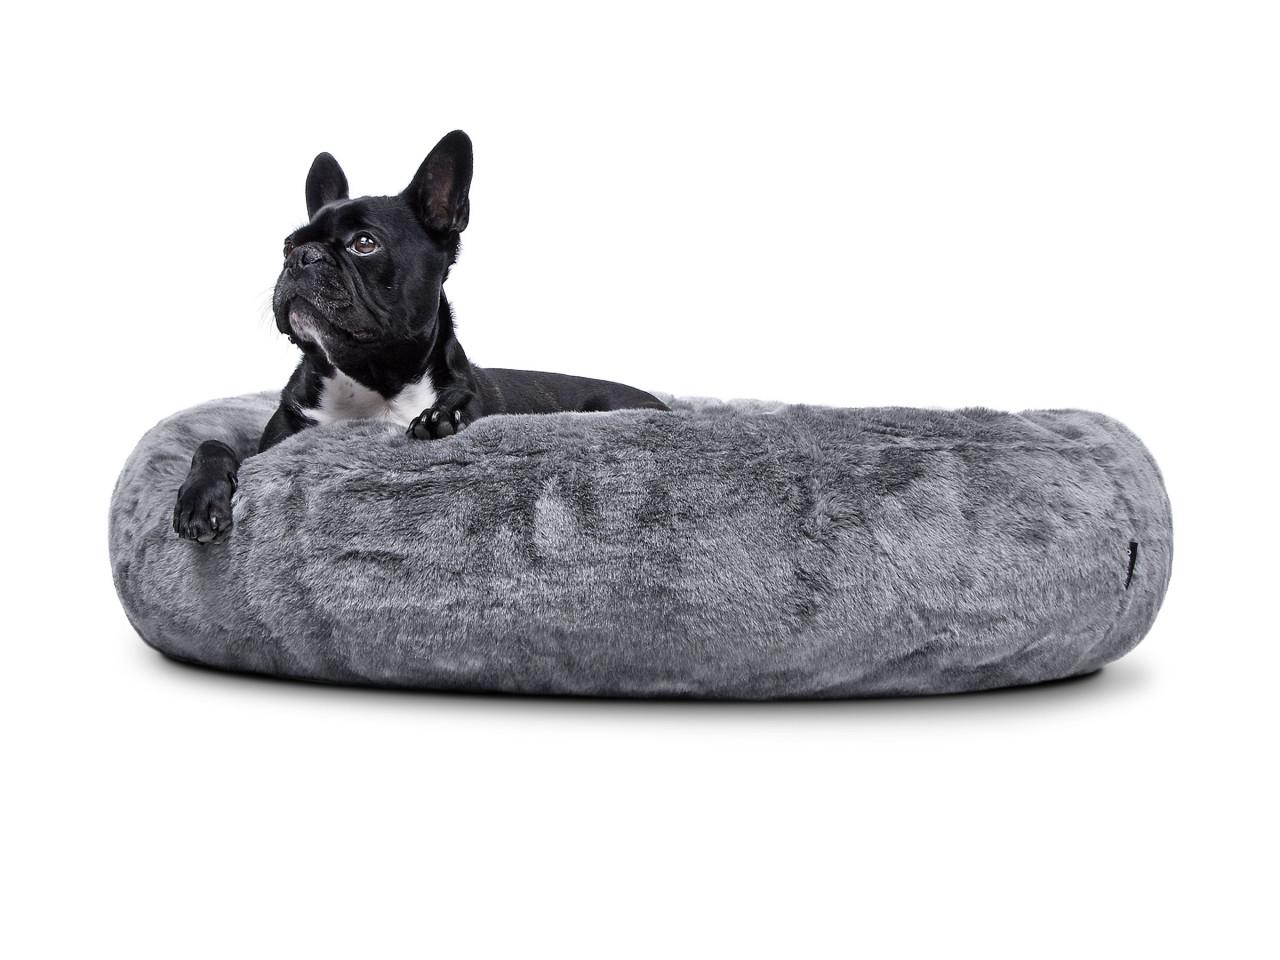 hundebett-COSY BASIC-grey-hund